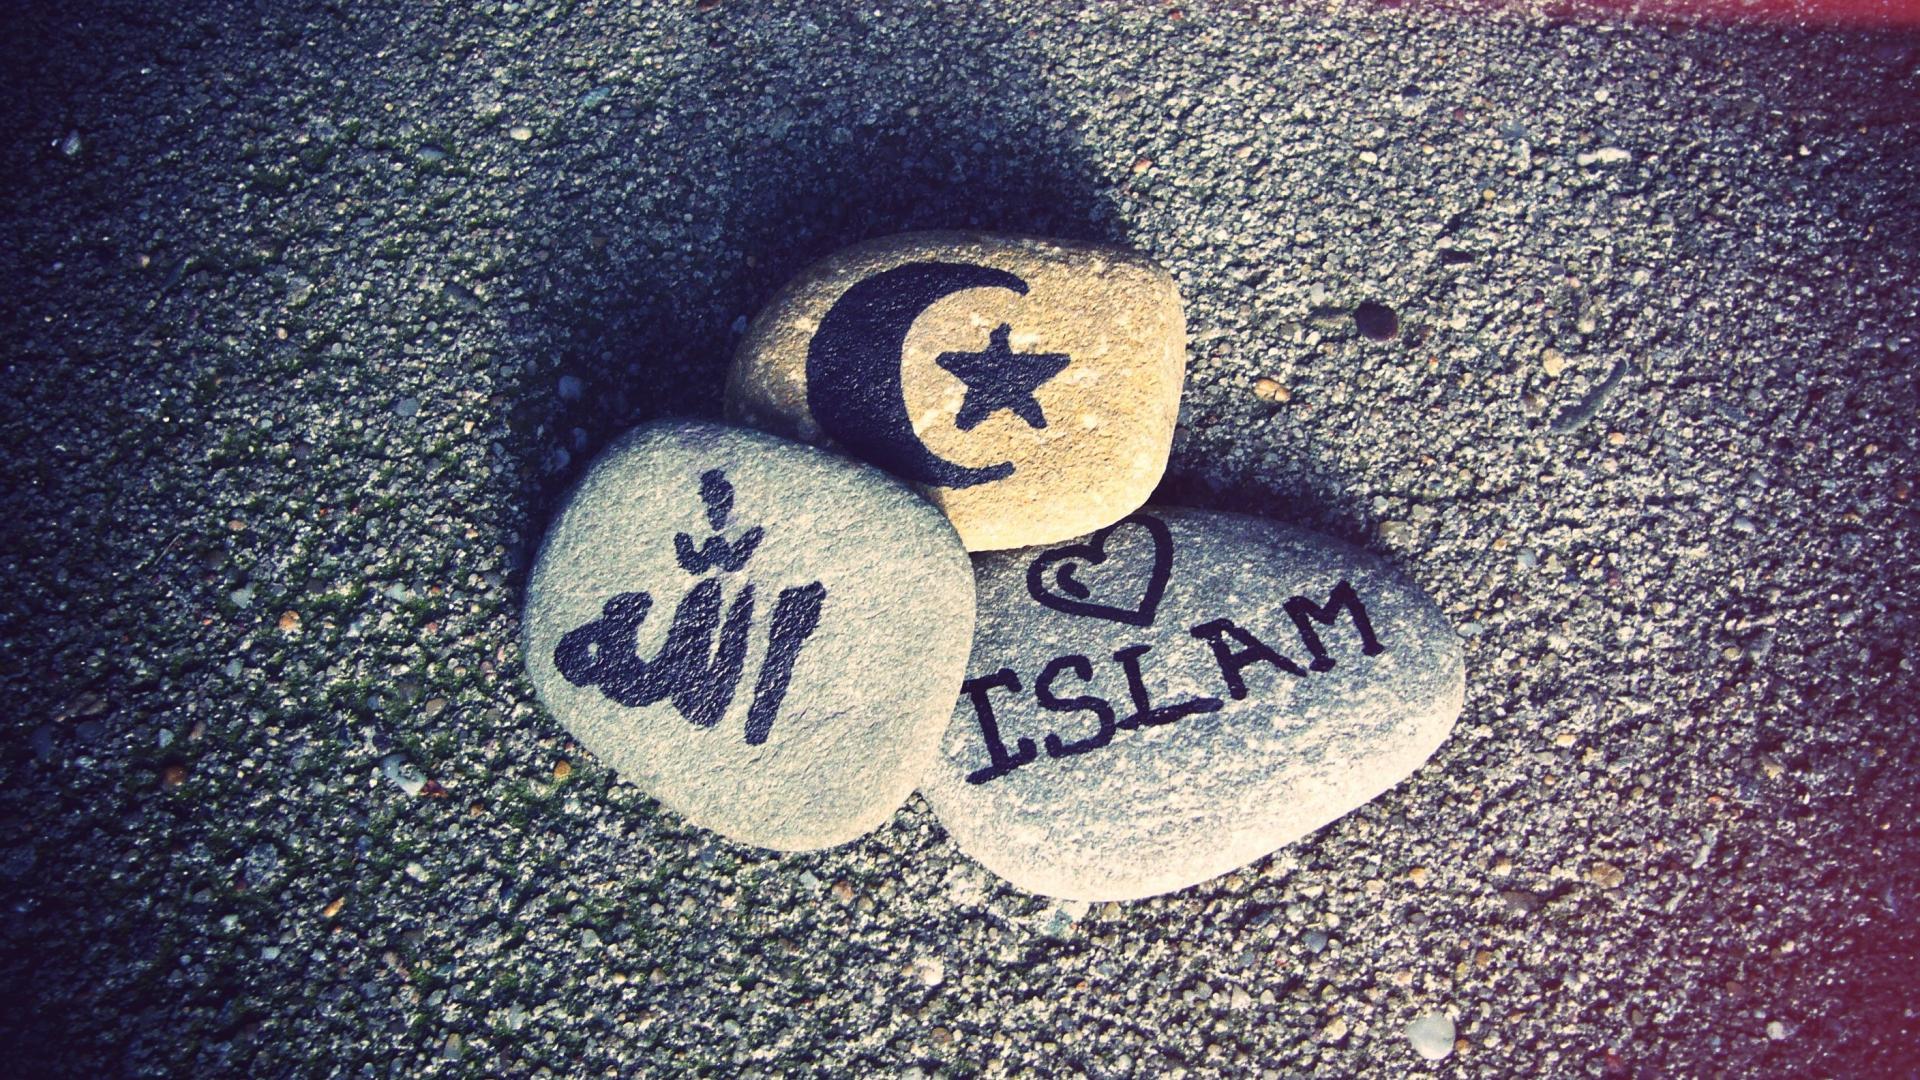 Beautiful Islamic Allah Wallpaper Wallpapershit Black arabic text, allah islamic art calligraphy kufic, calligraphy, text, hand, logo png. beautiful islamic allah wallpaper